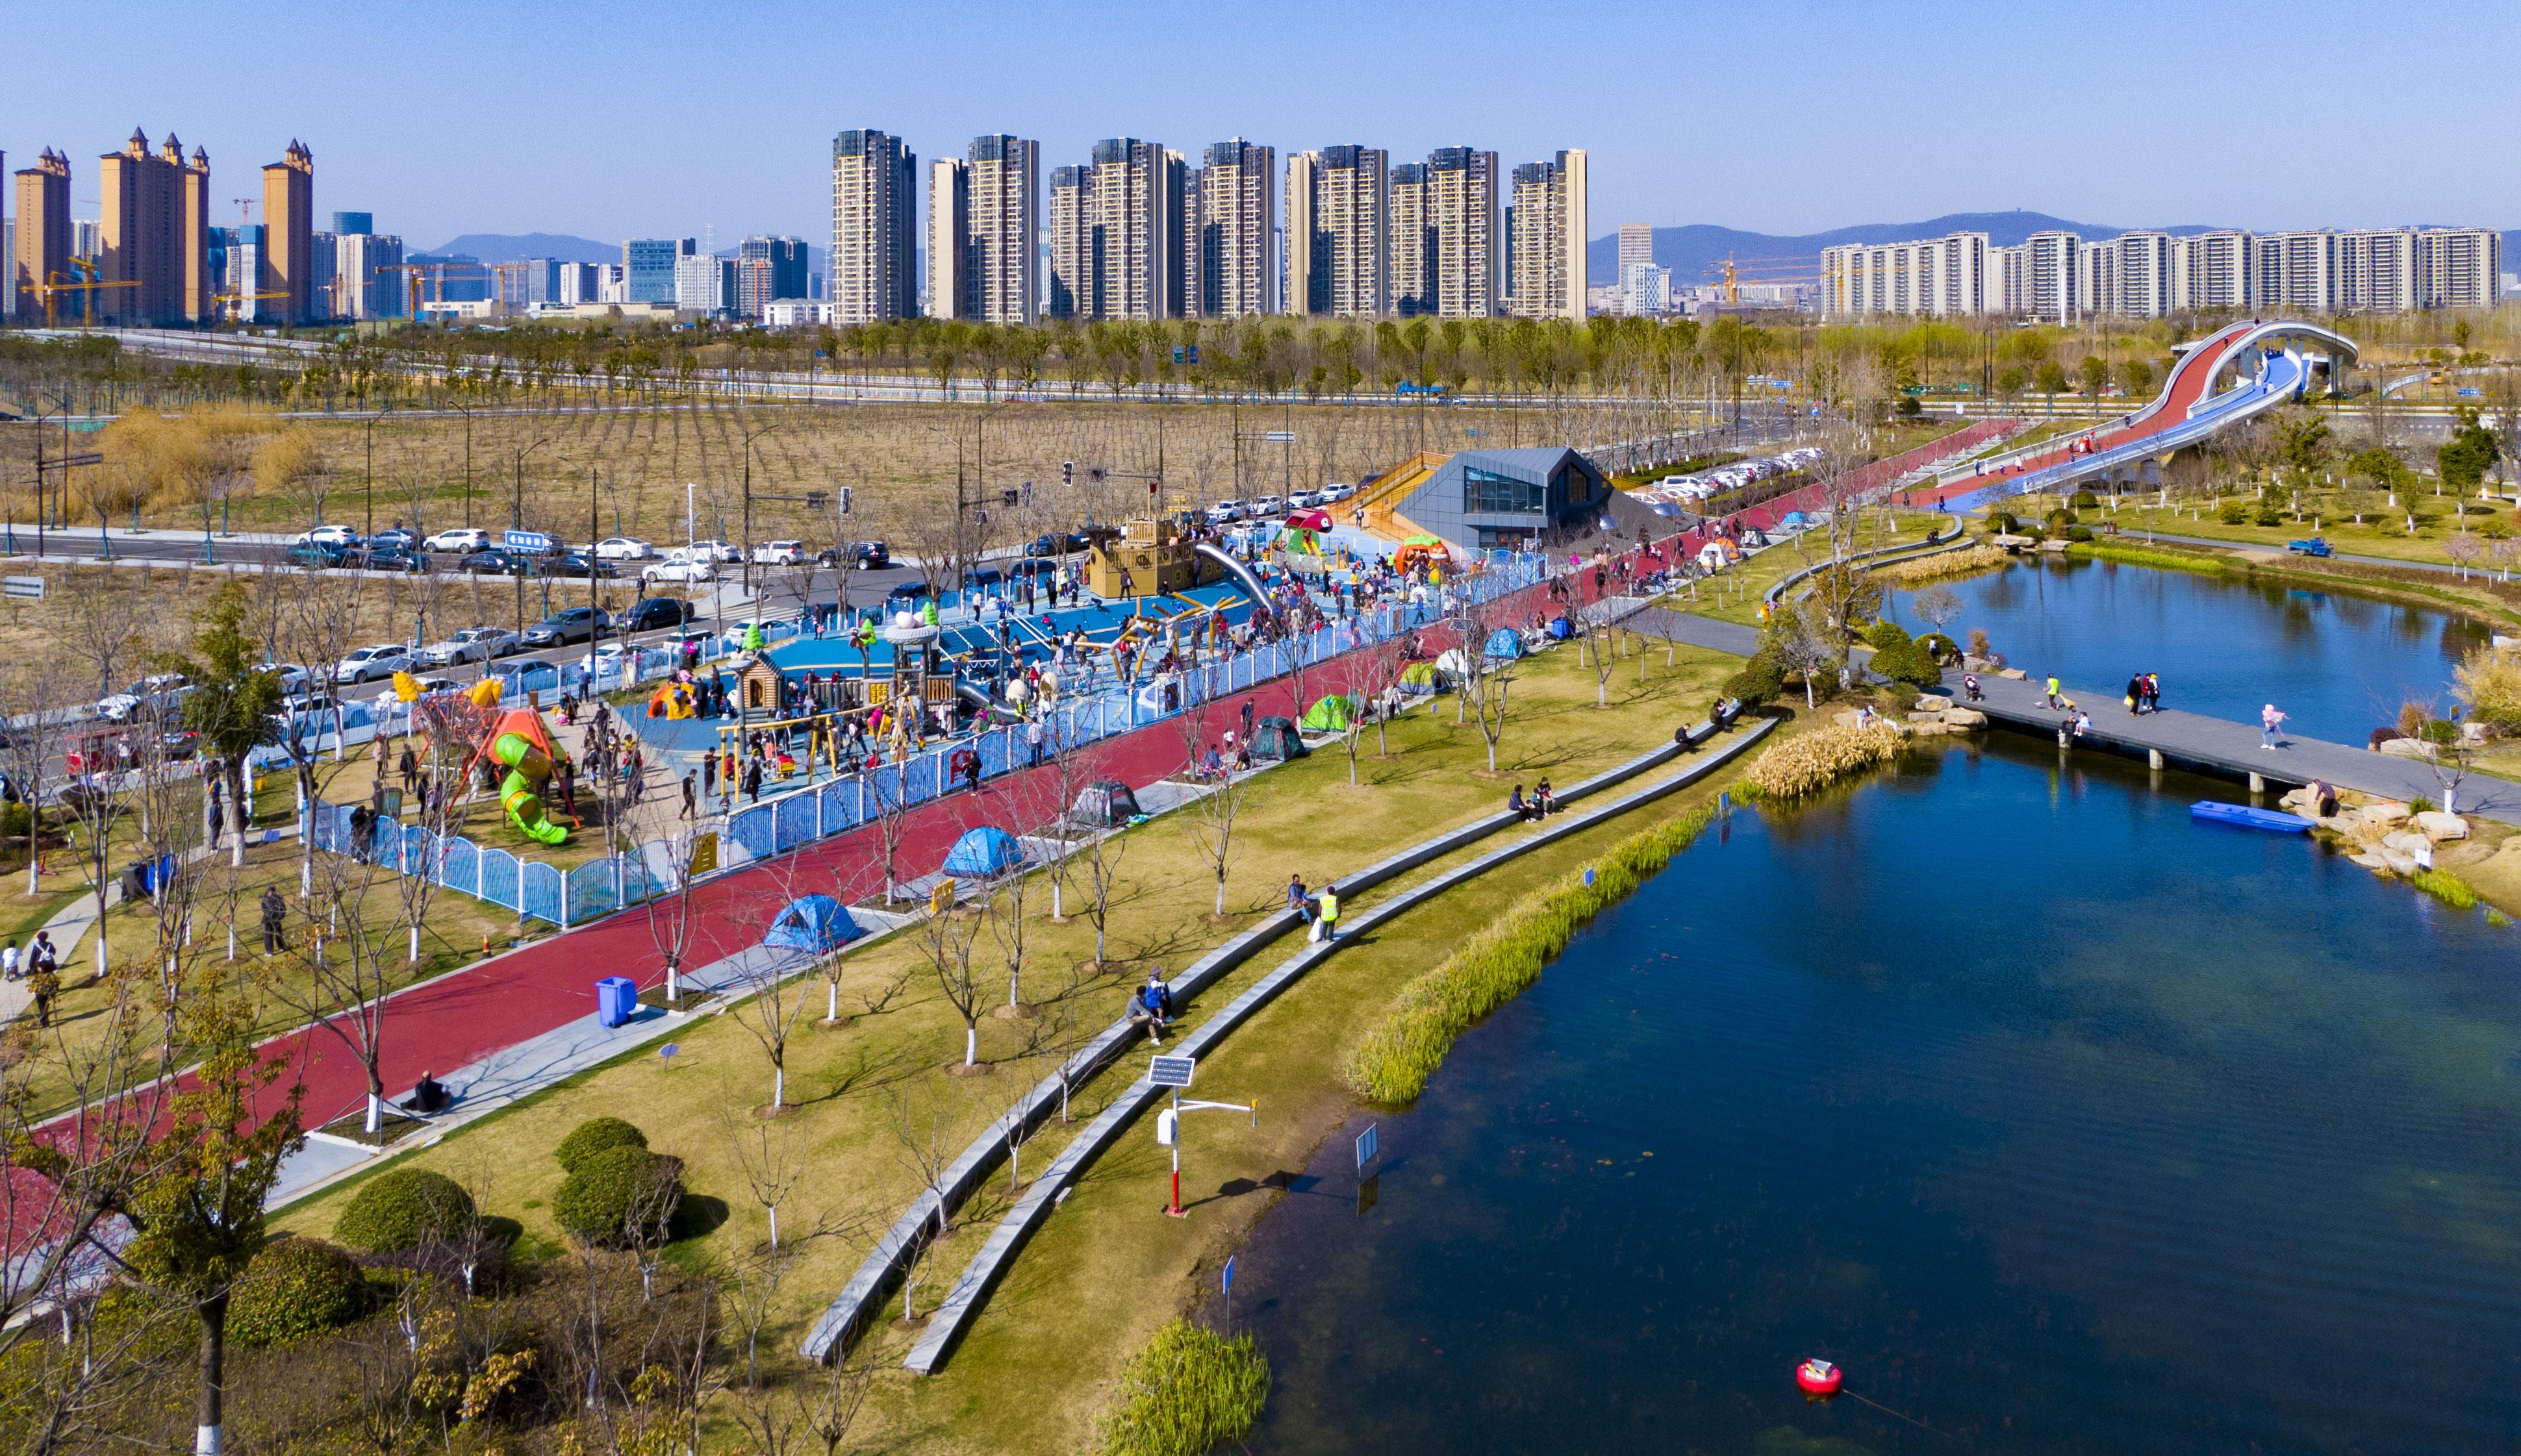 天气晴好,江北新区青龙绿带启龙亲江乐园迎来游玩和踏青的市民。 南报融媒体记者 冯芃摄